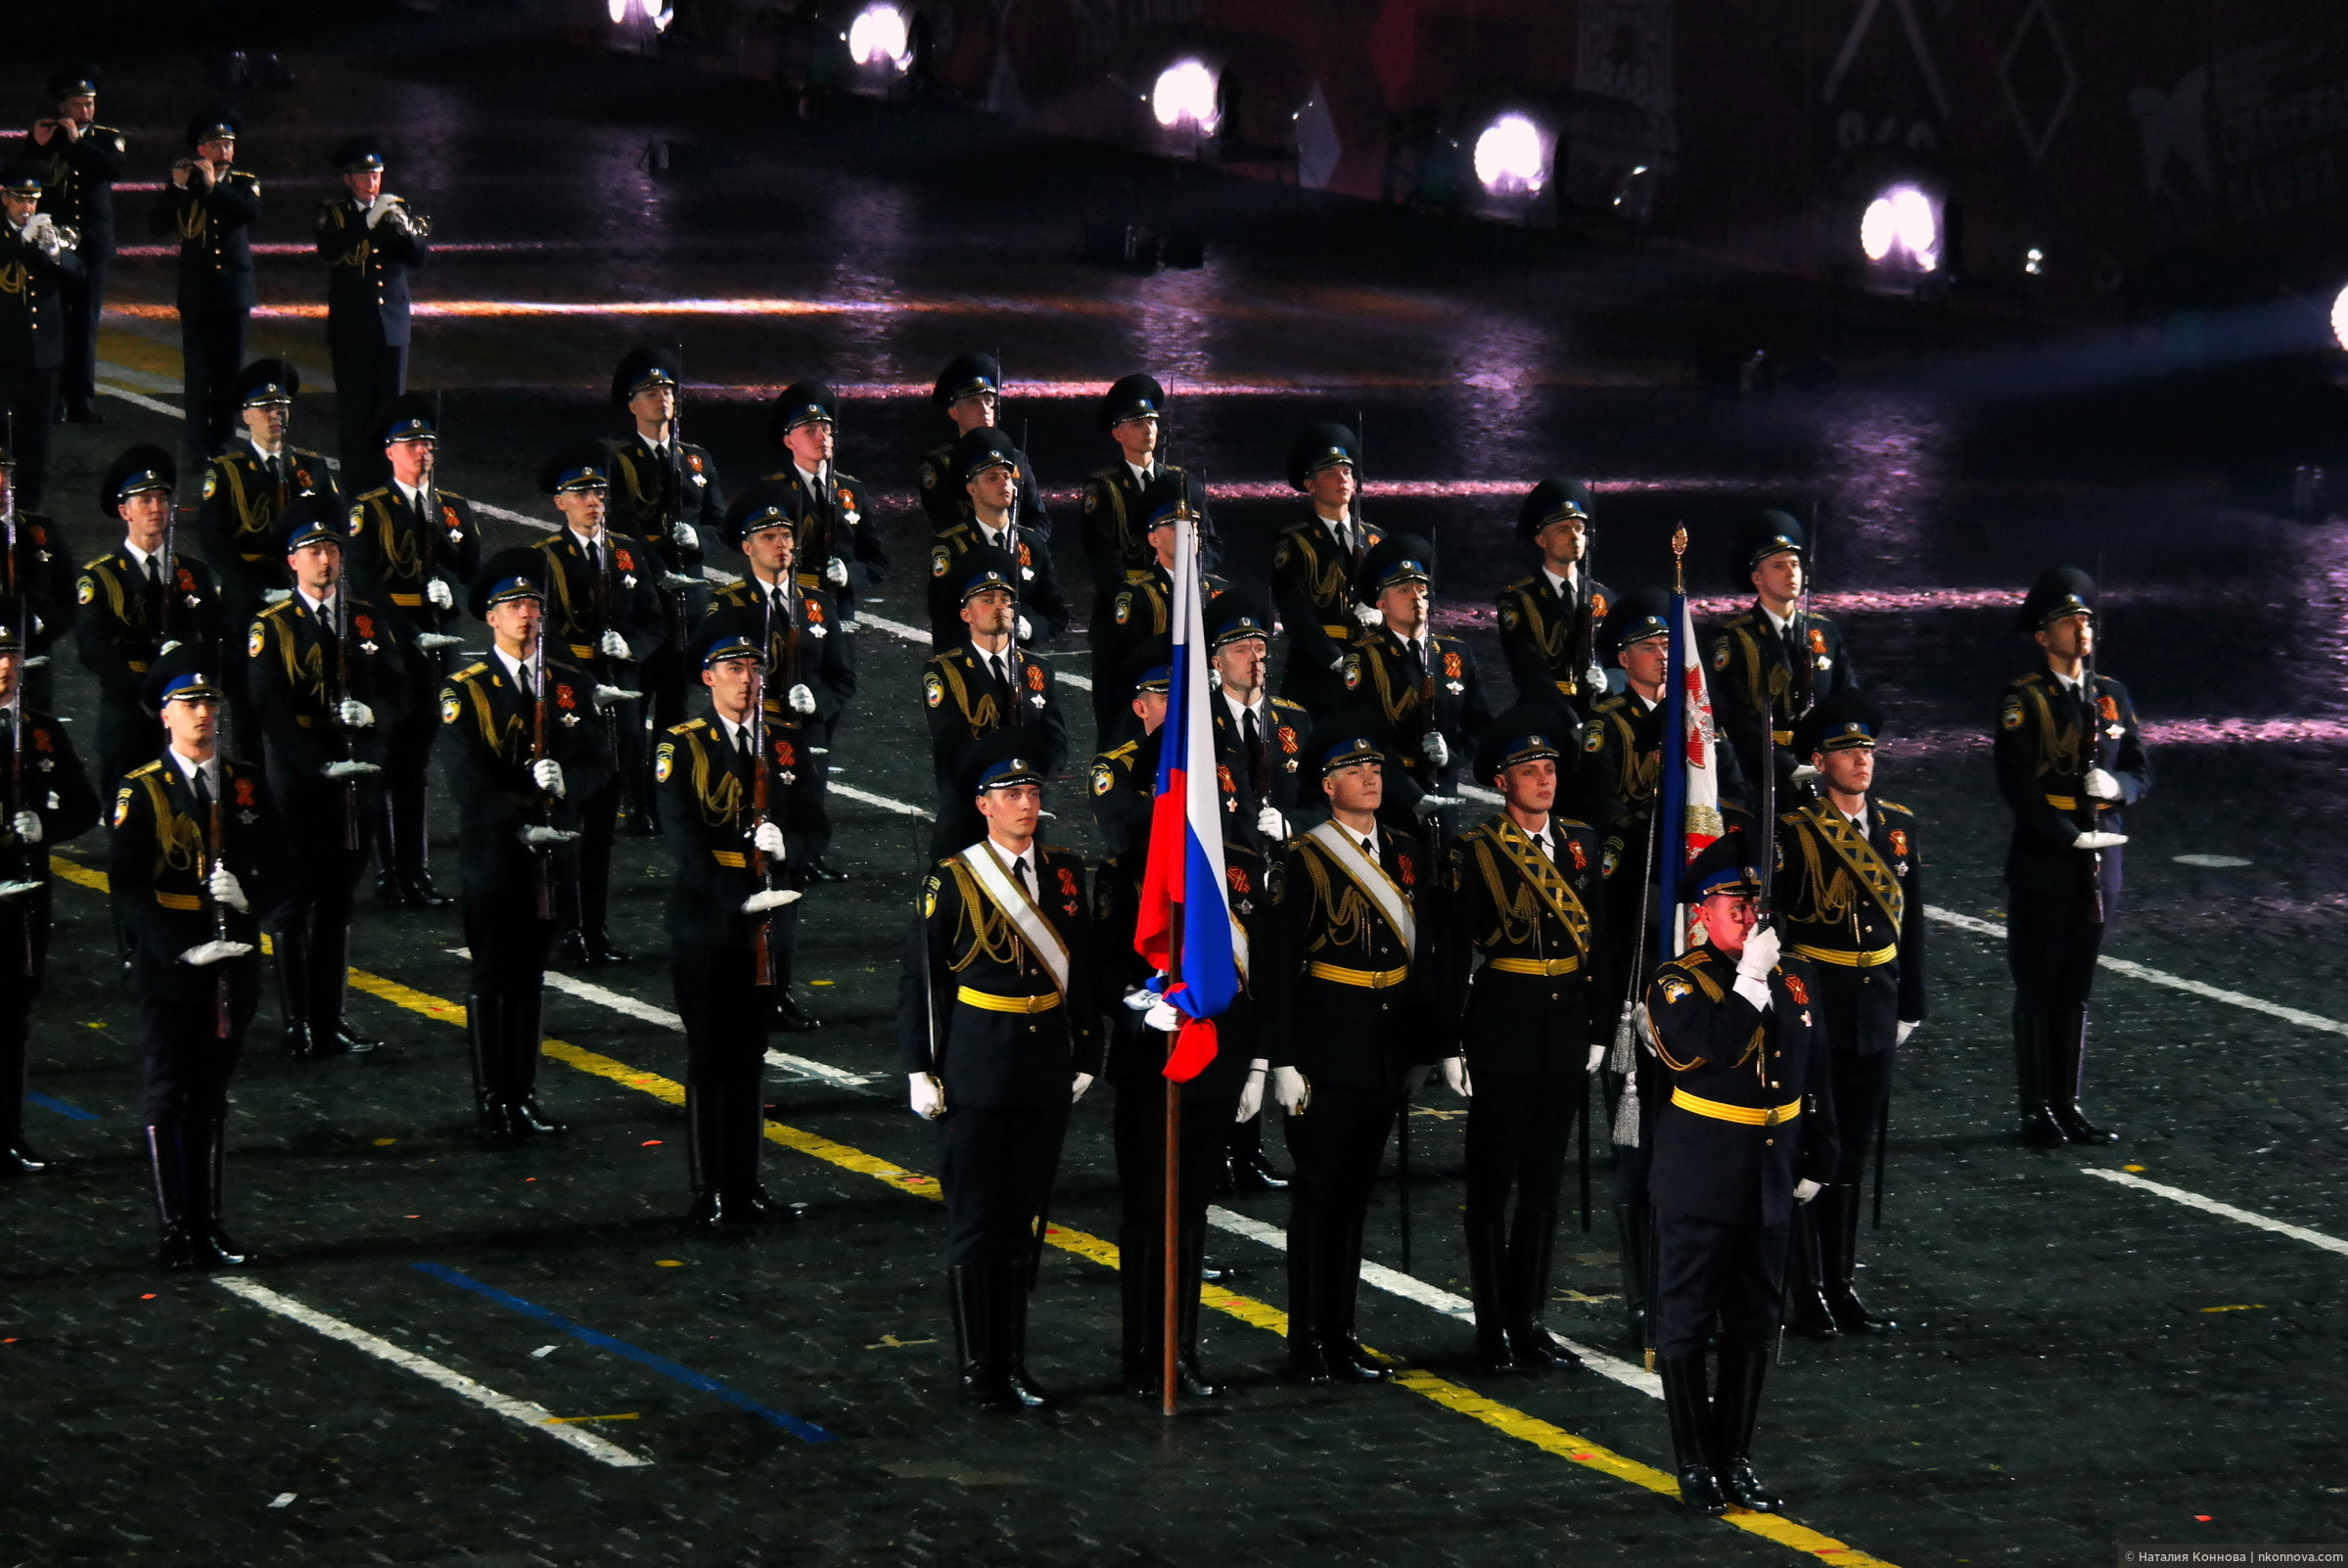 любит дирижеры военных оркестров россии смотреть симпатичных малышек